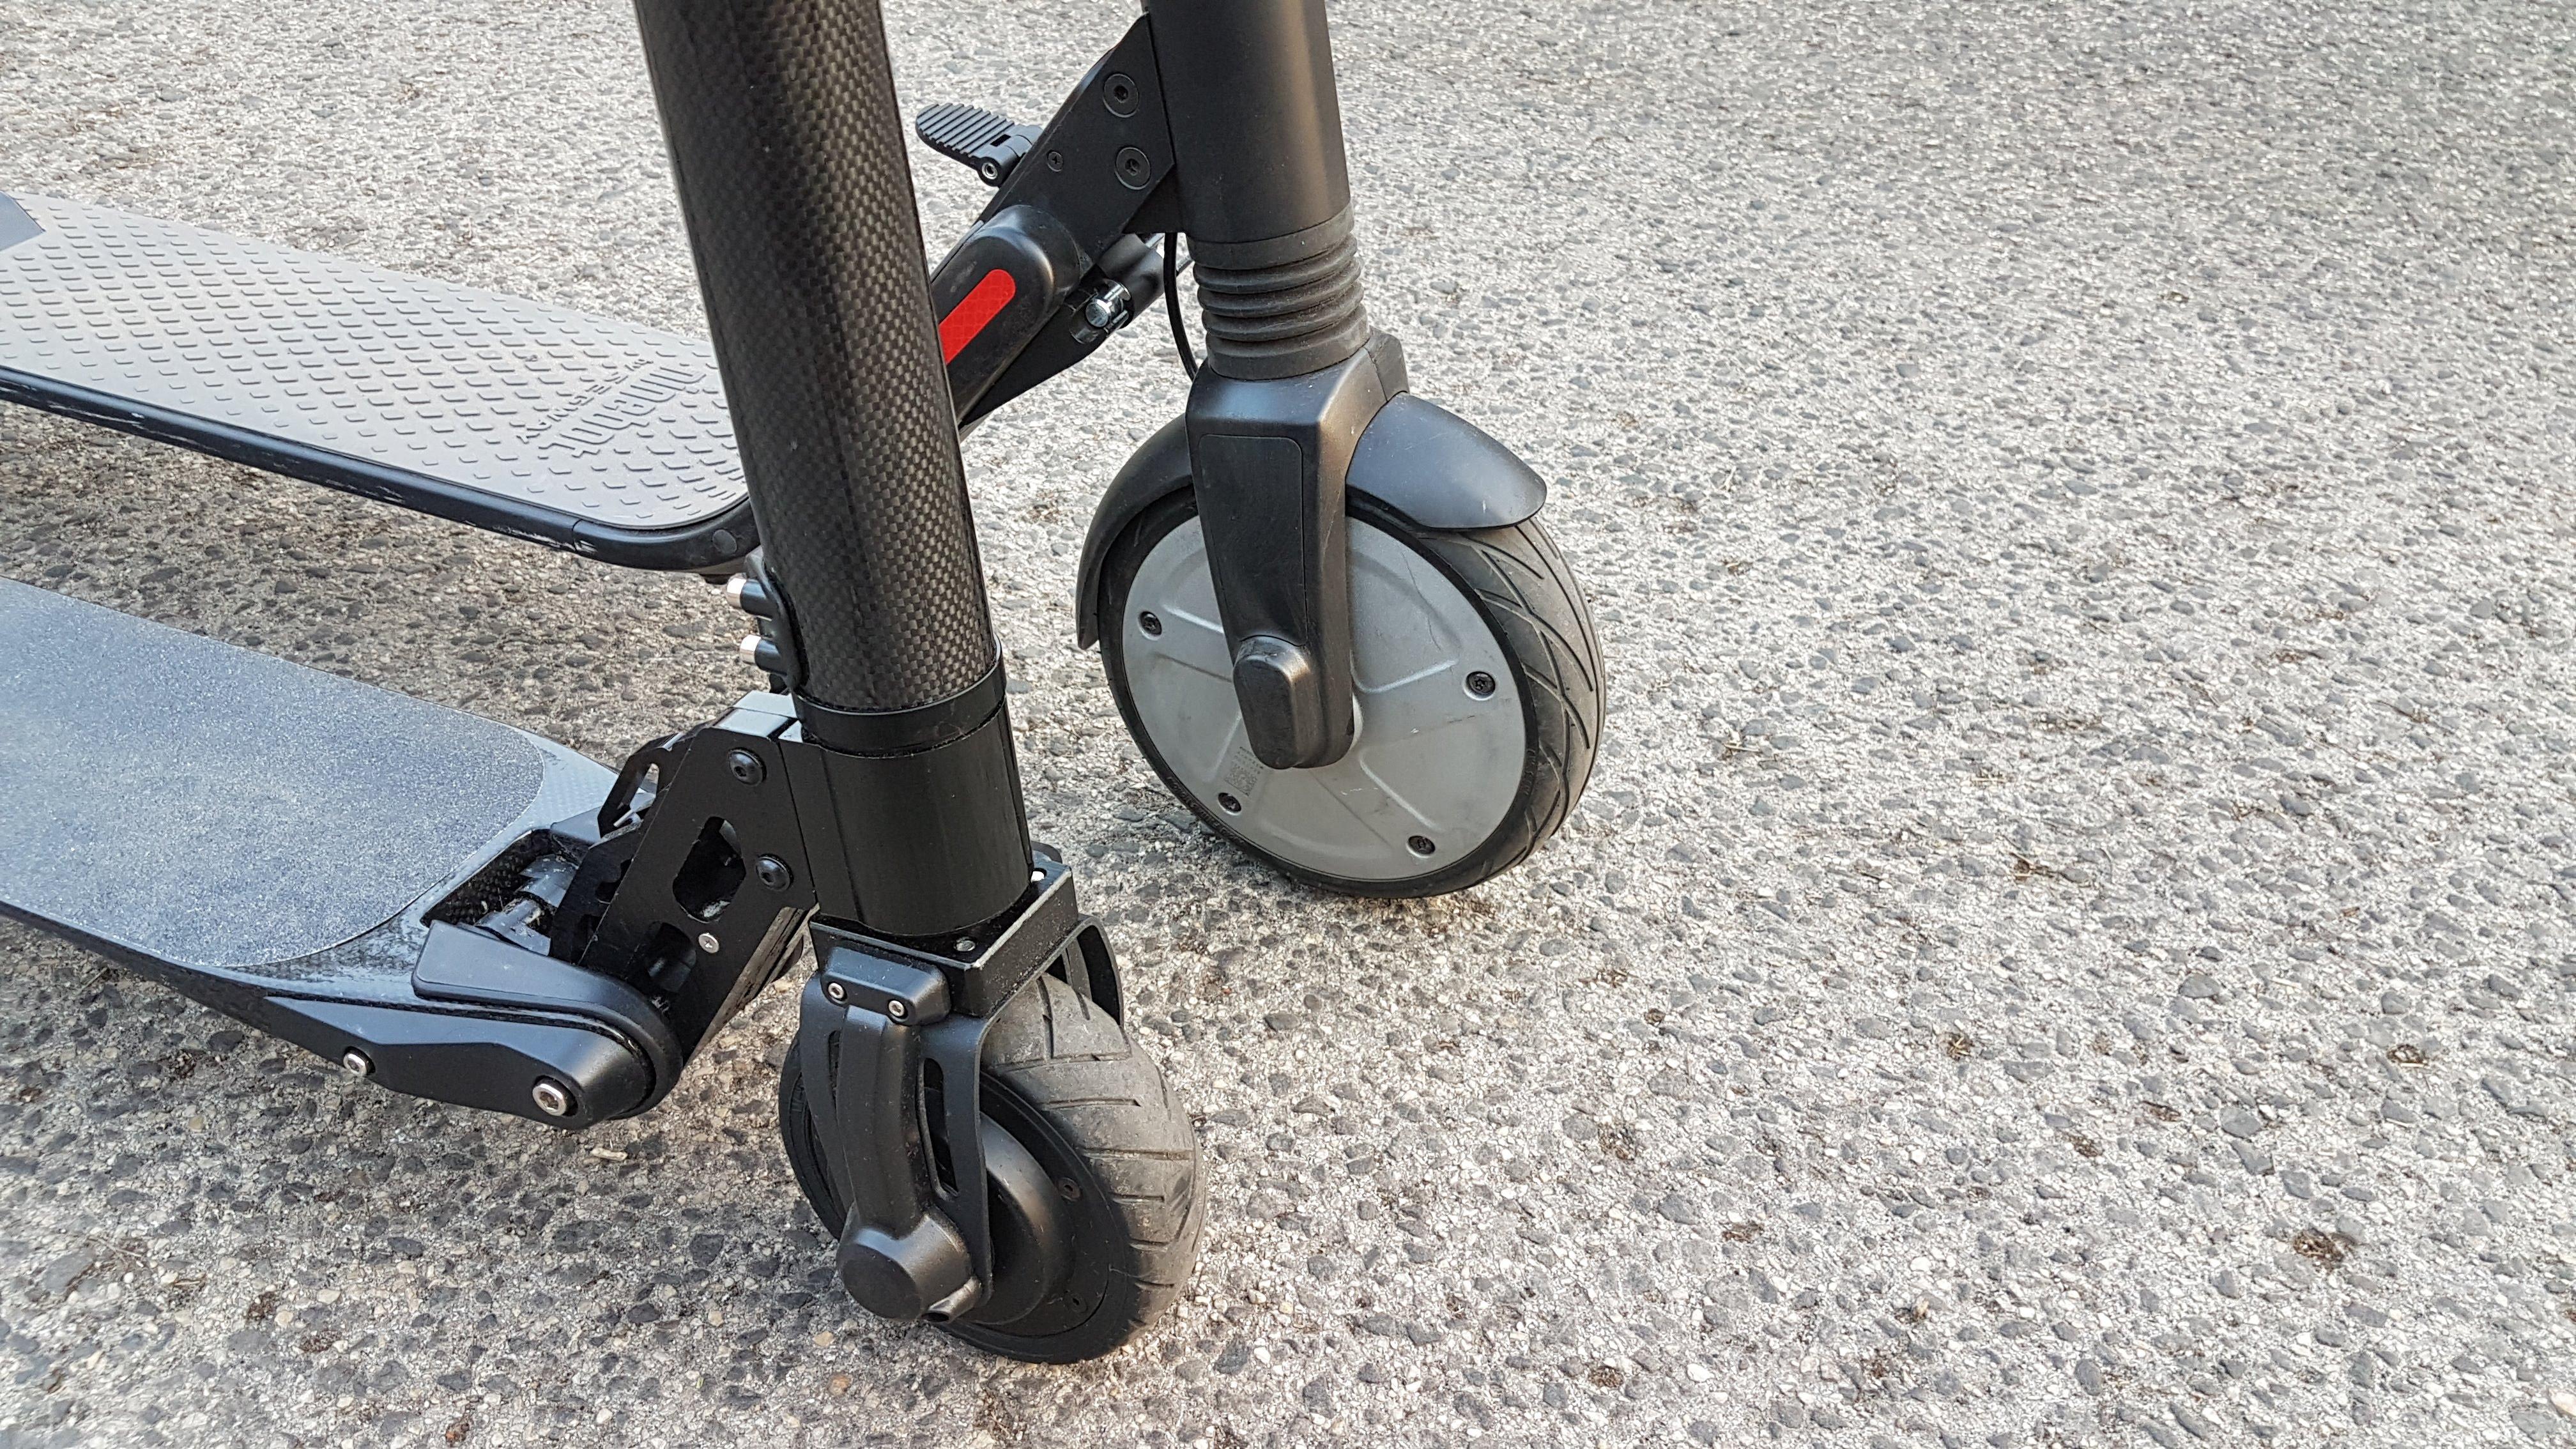 carbon-fiber-a-hordozhato-elektromos-roller-teszt-osszecsukhato-6600mAh-akkumulator-akksi-5.5-colos-kerek-27